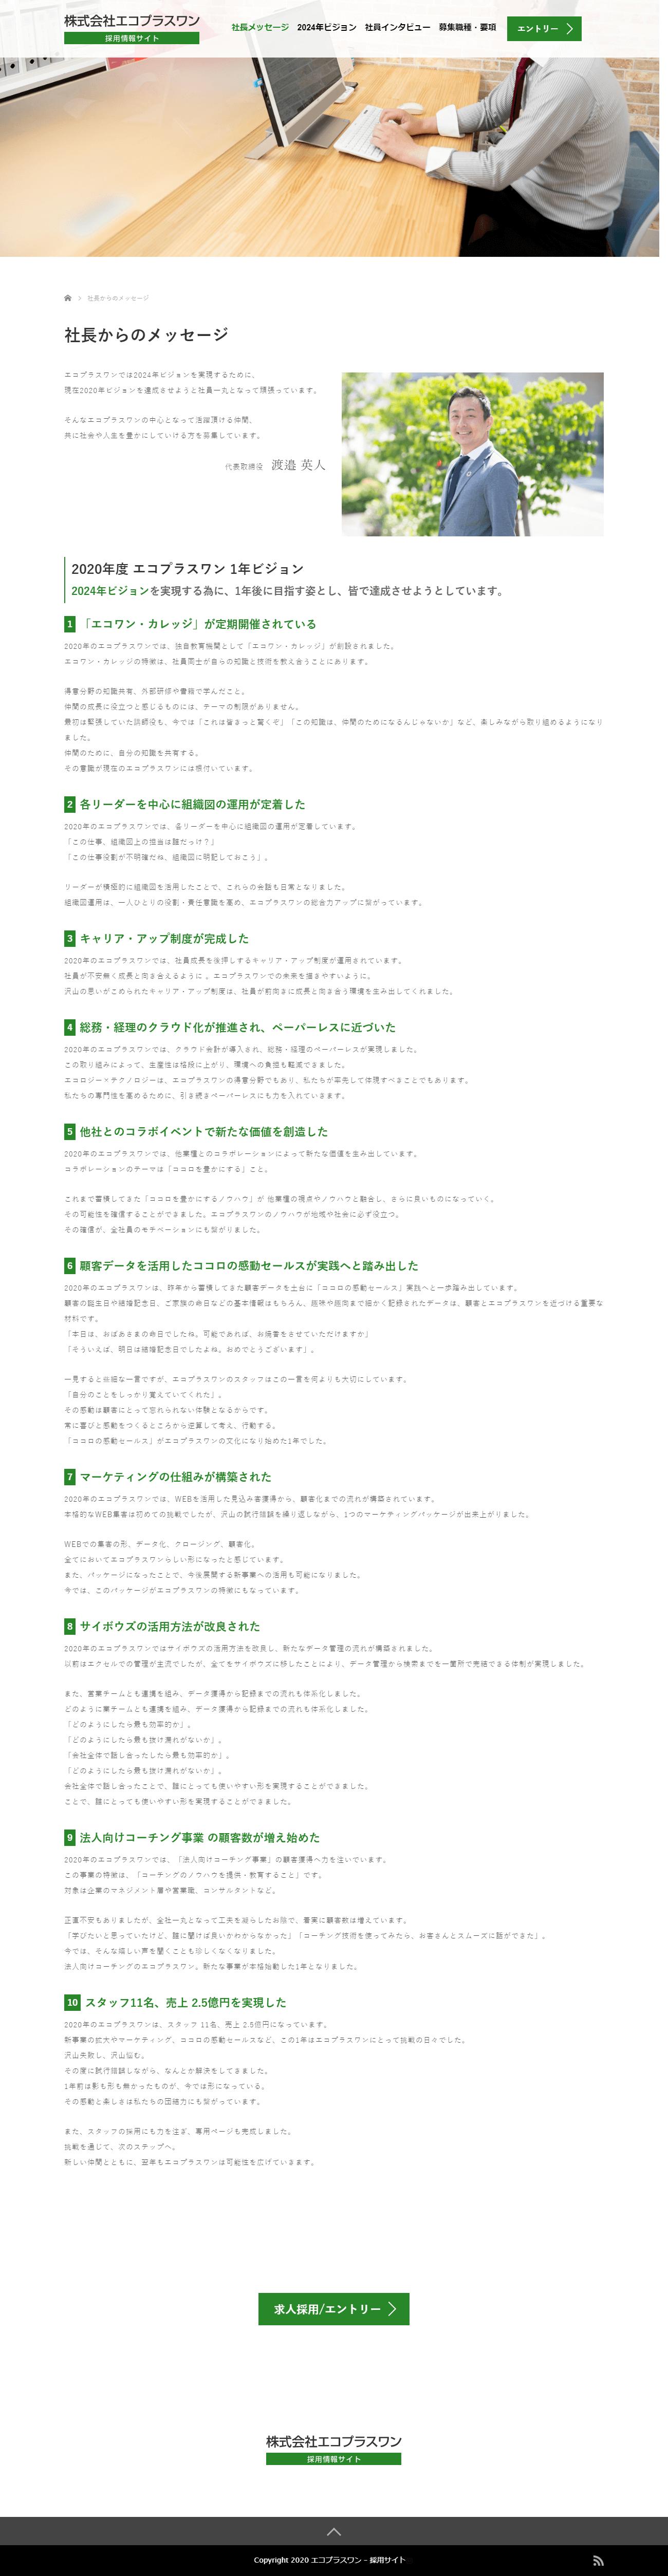 加古川市 株式会社エコプラスワン 採用情報サイト制作2